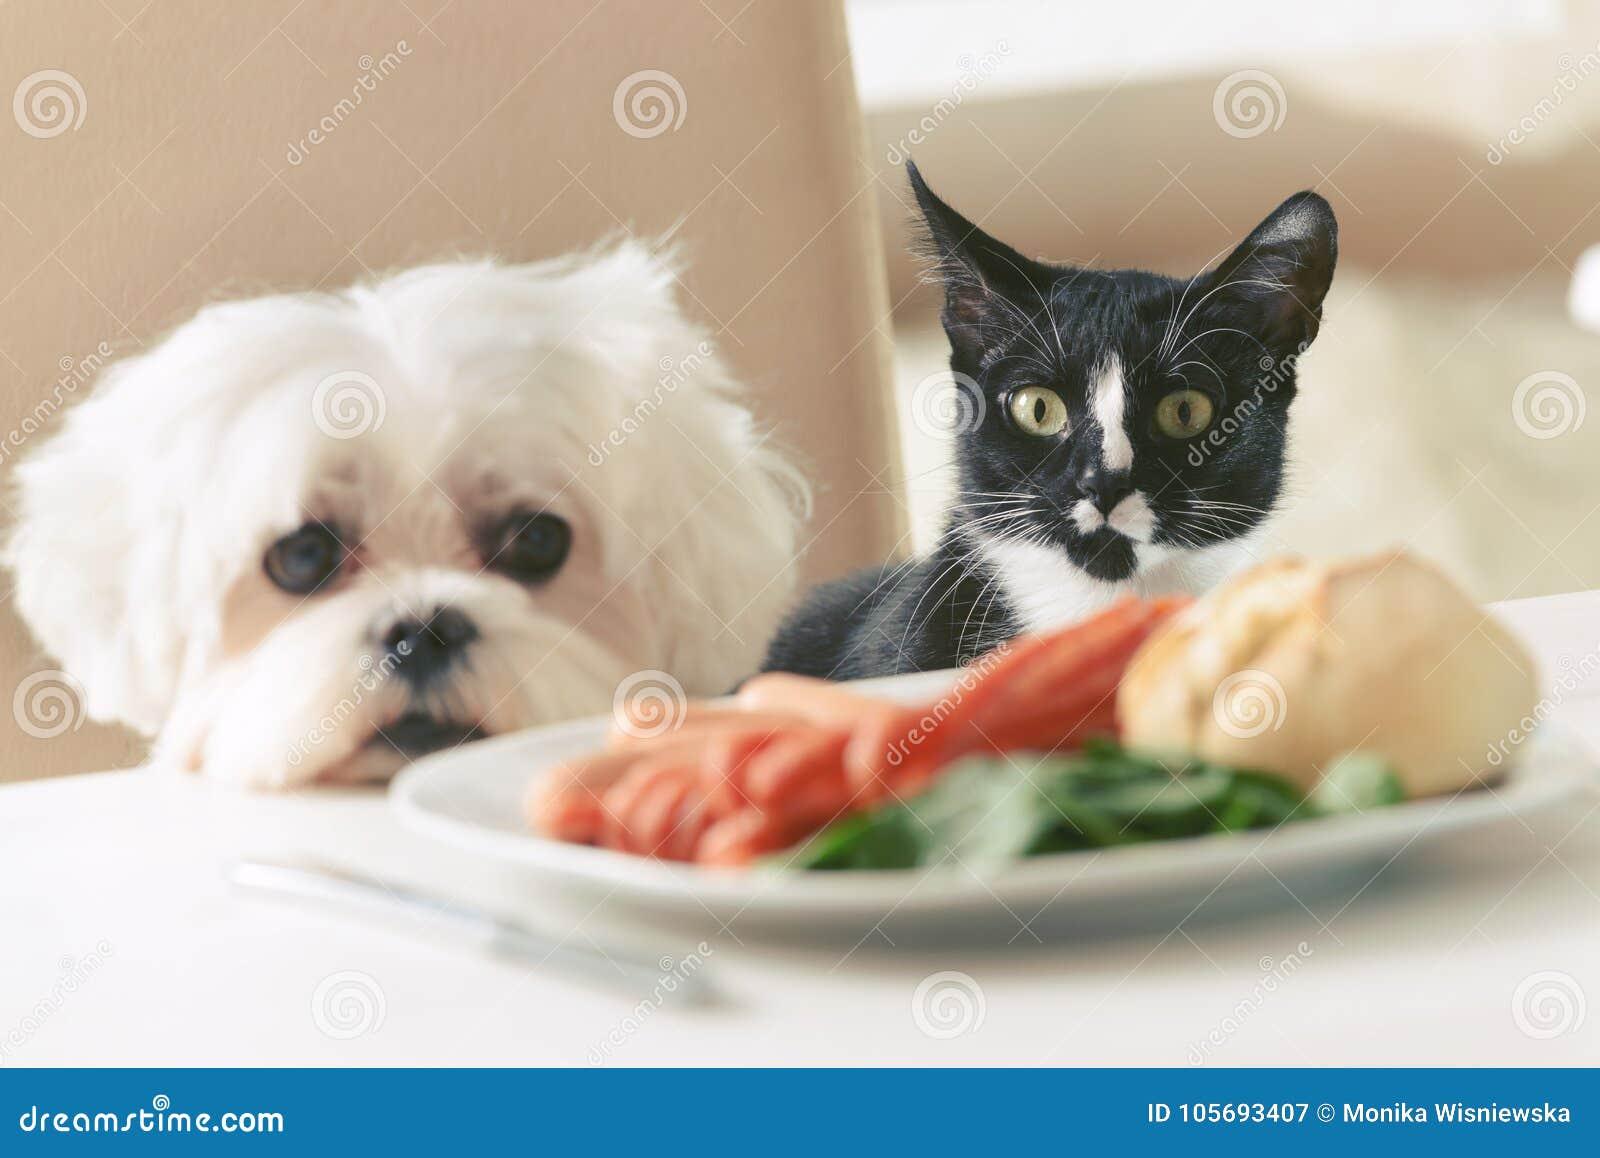 Leuke hond en kat die om voedsel vragen